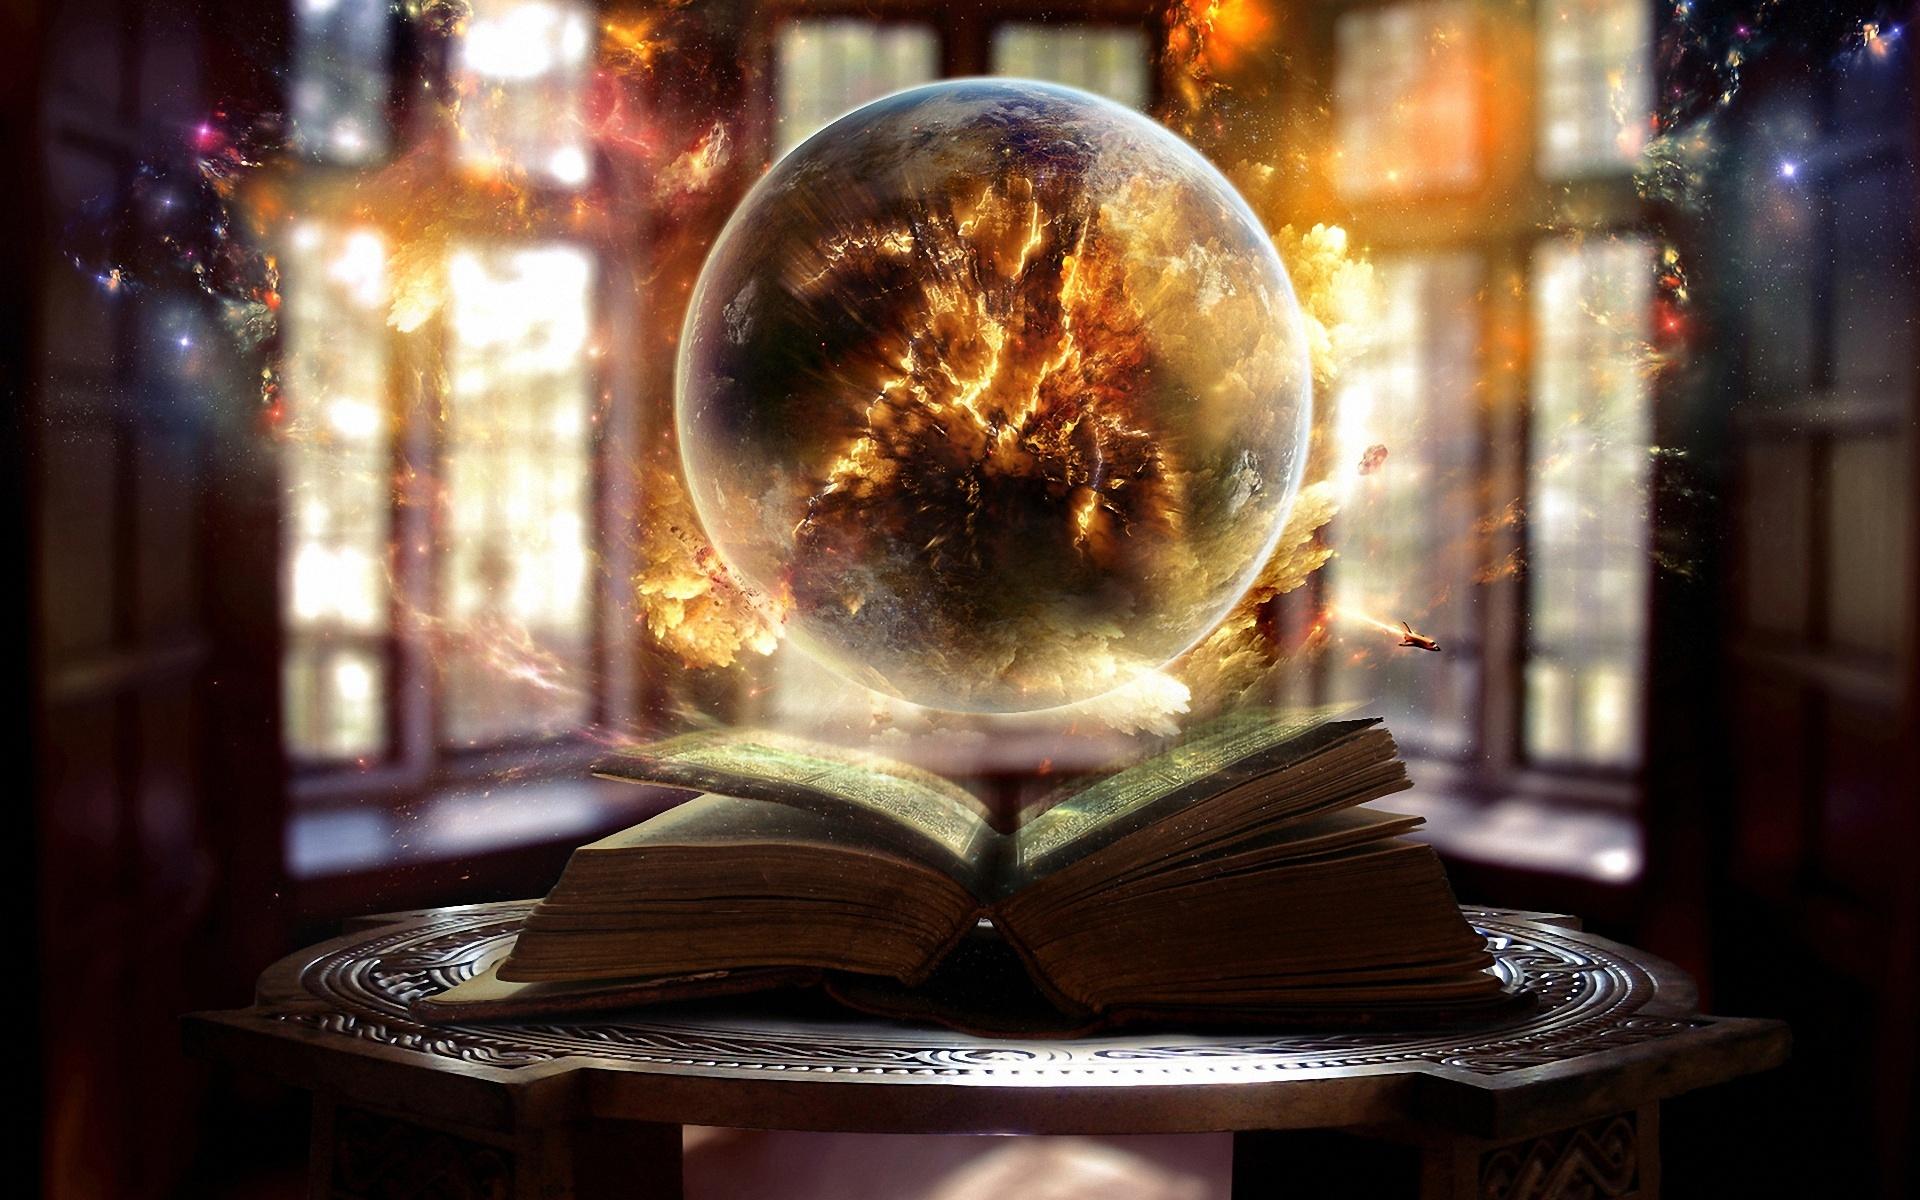 Магия проникает в жизнь